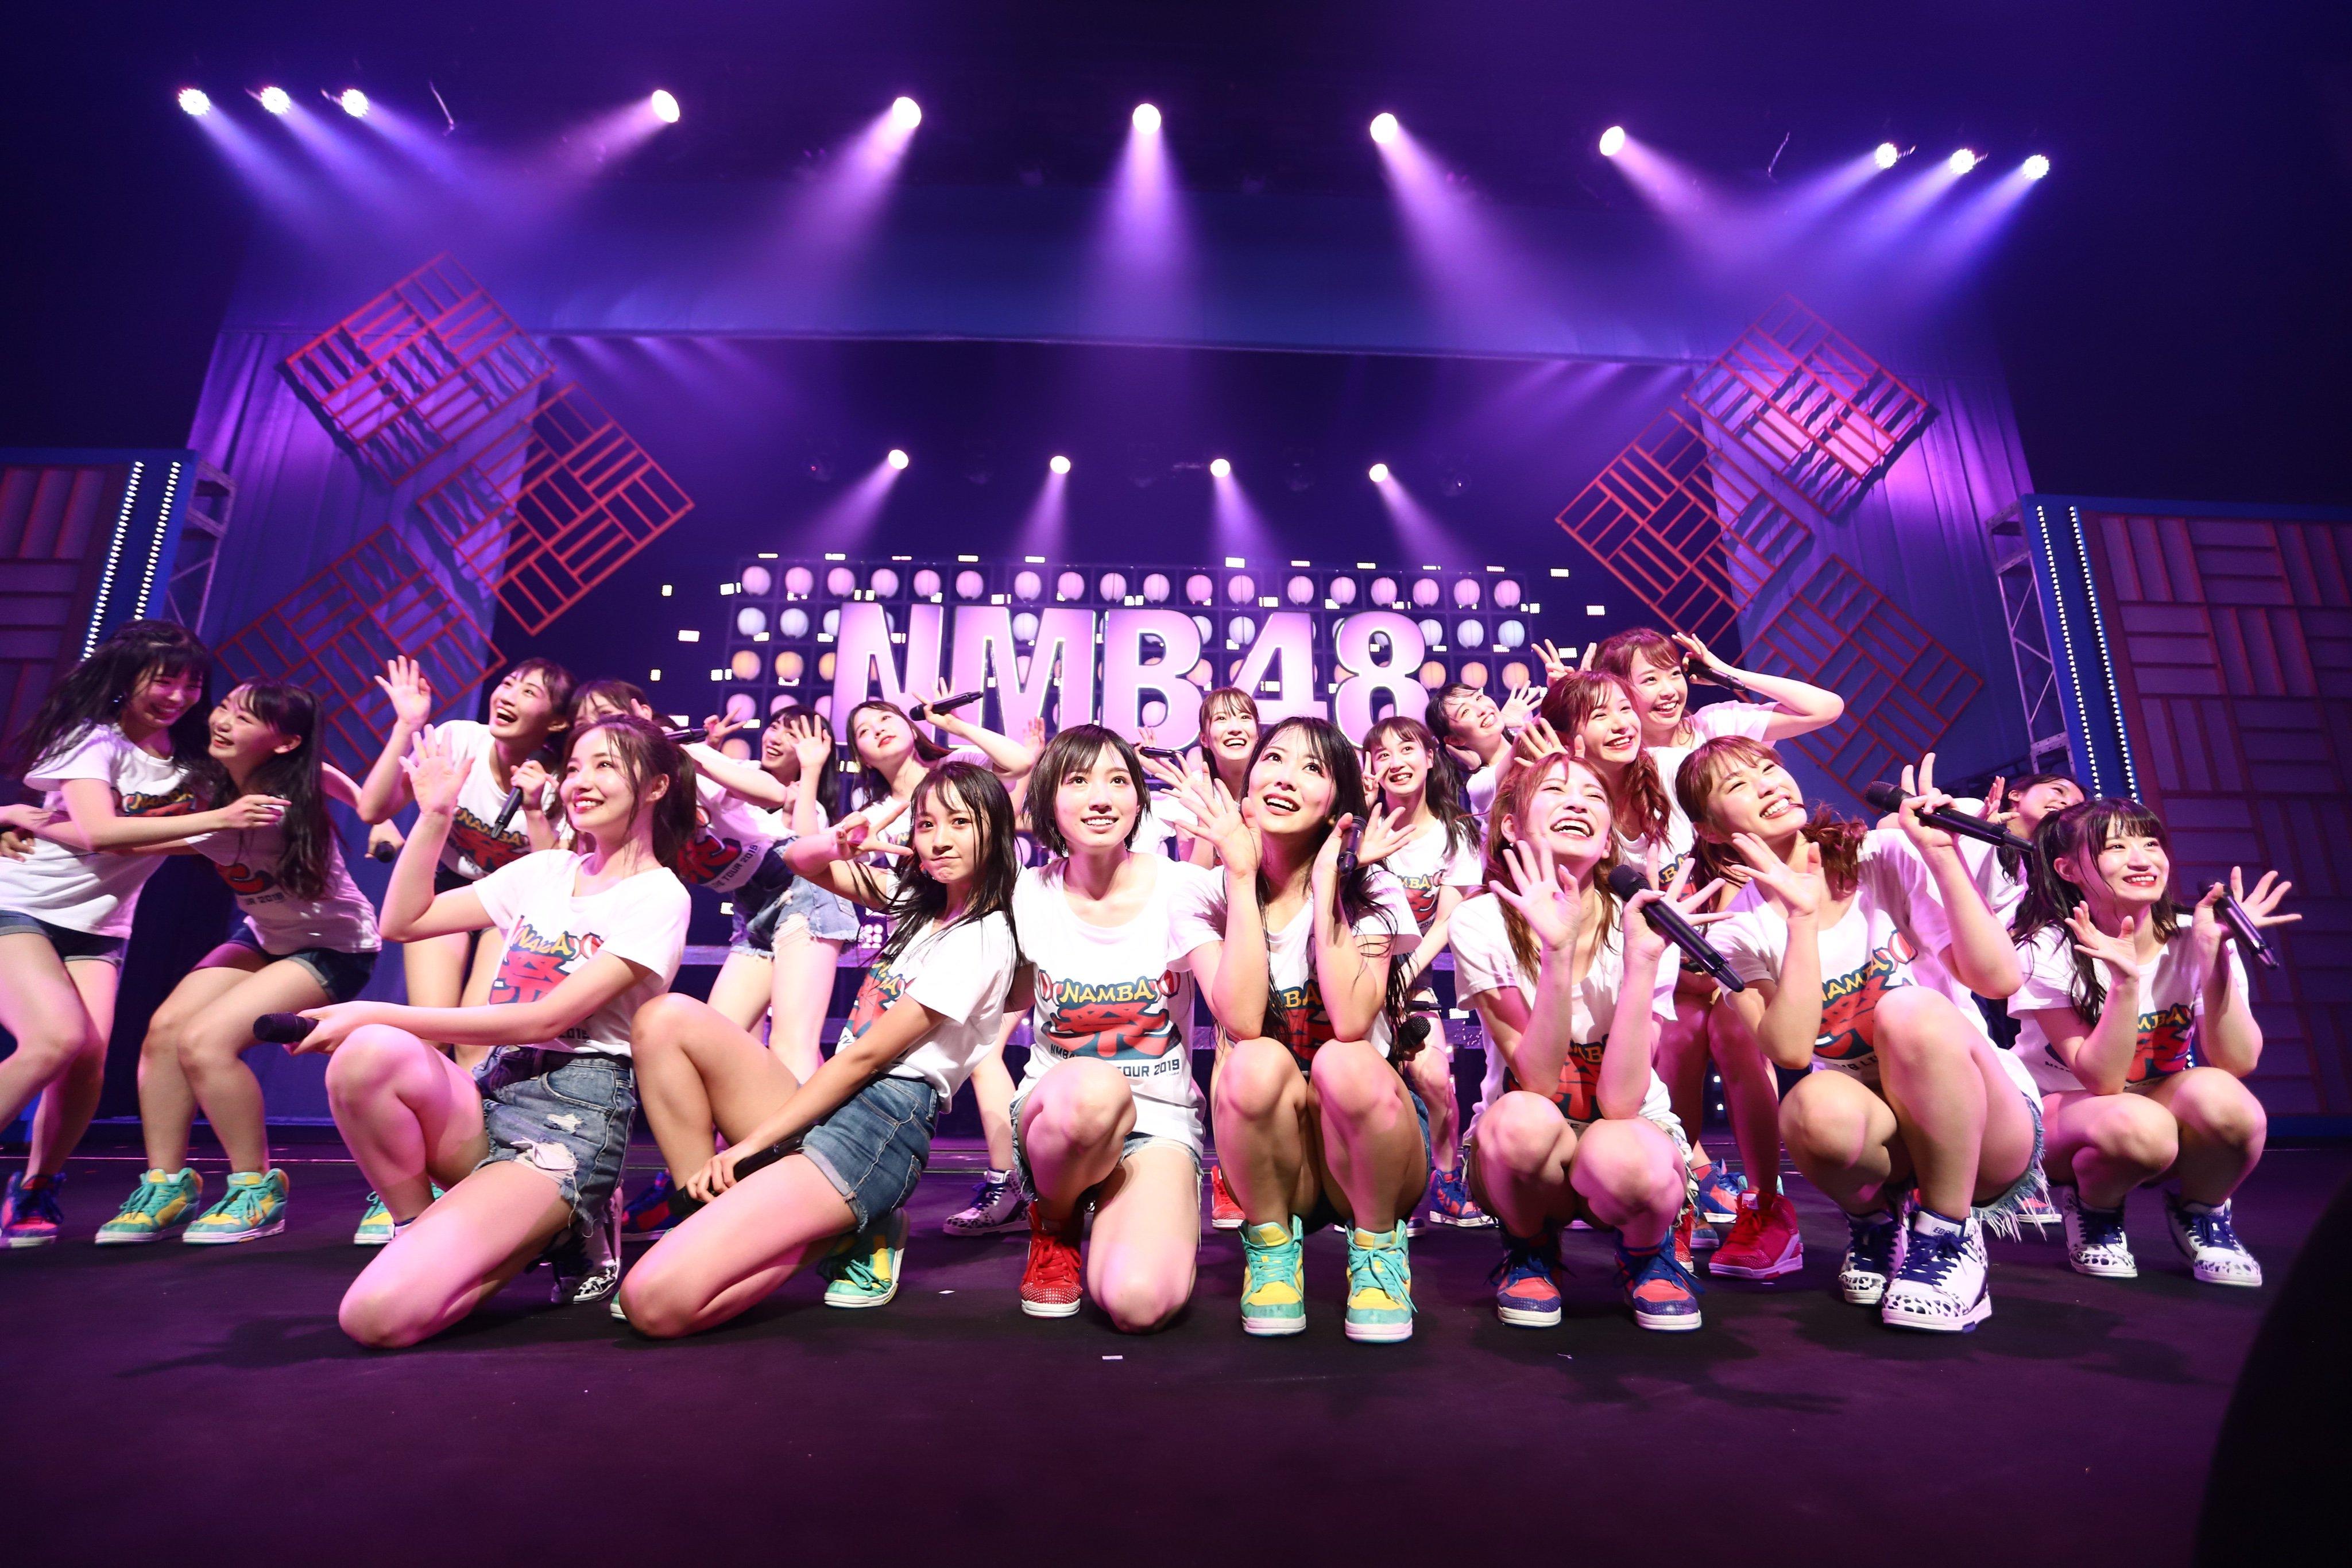 【NMB48】9/15 東京エレクトロンホール宮城「NMB48 LIVE TOUR 2019 ~NAMBA祭~」のセットリストと画像など